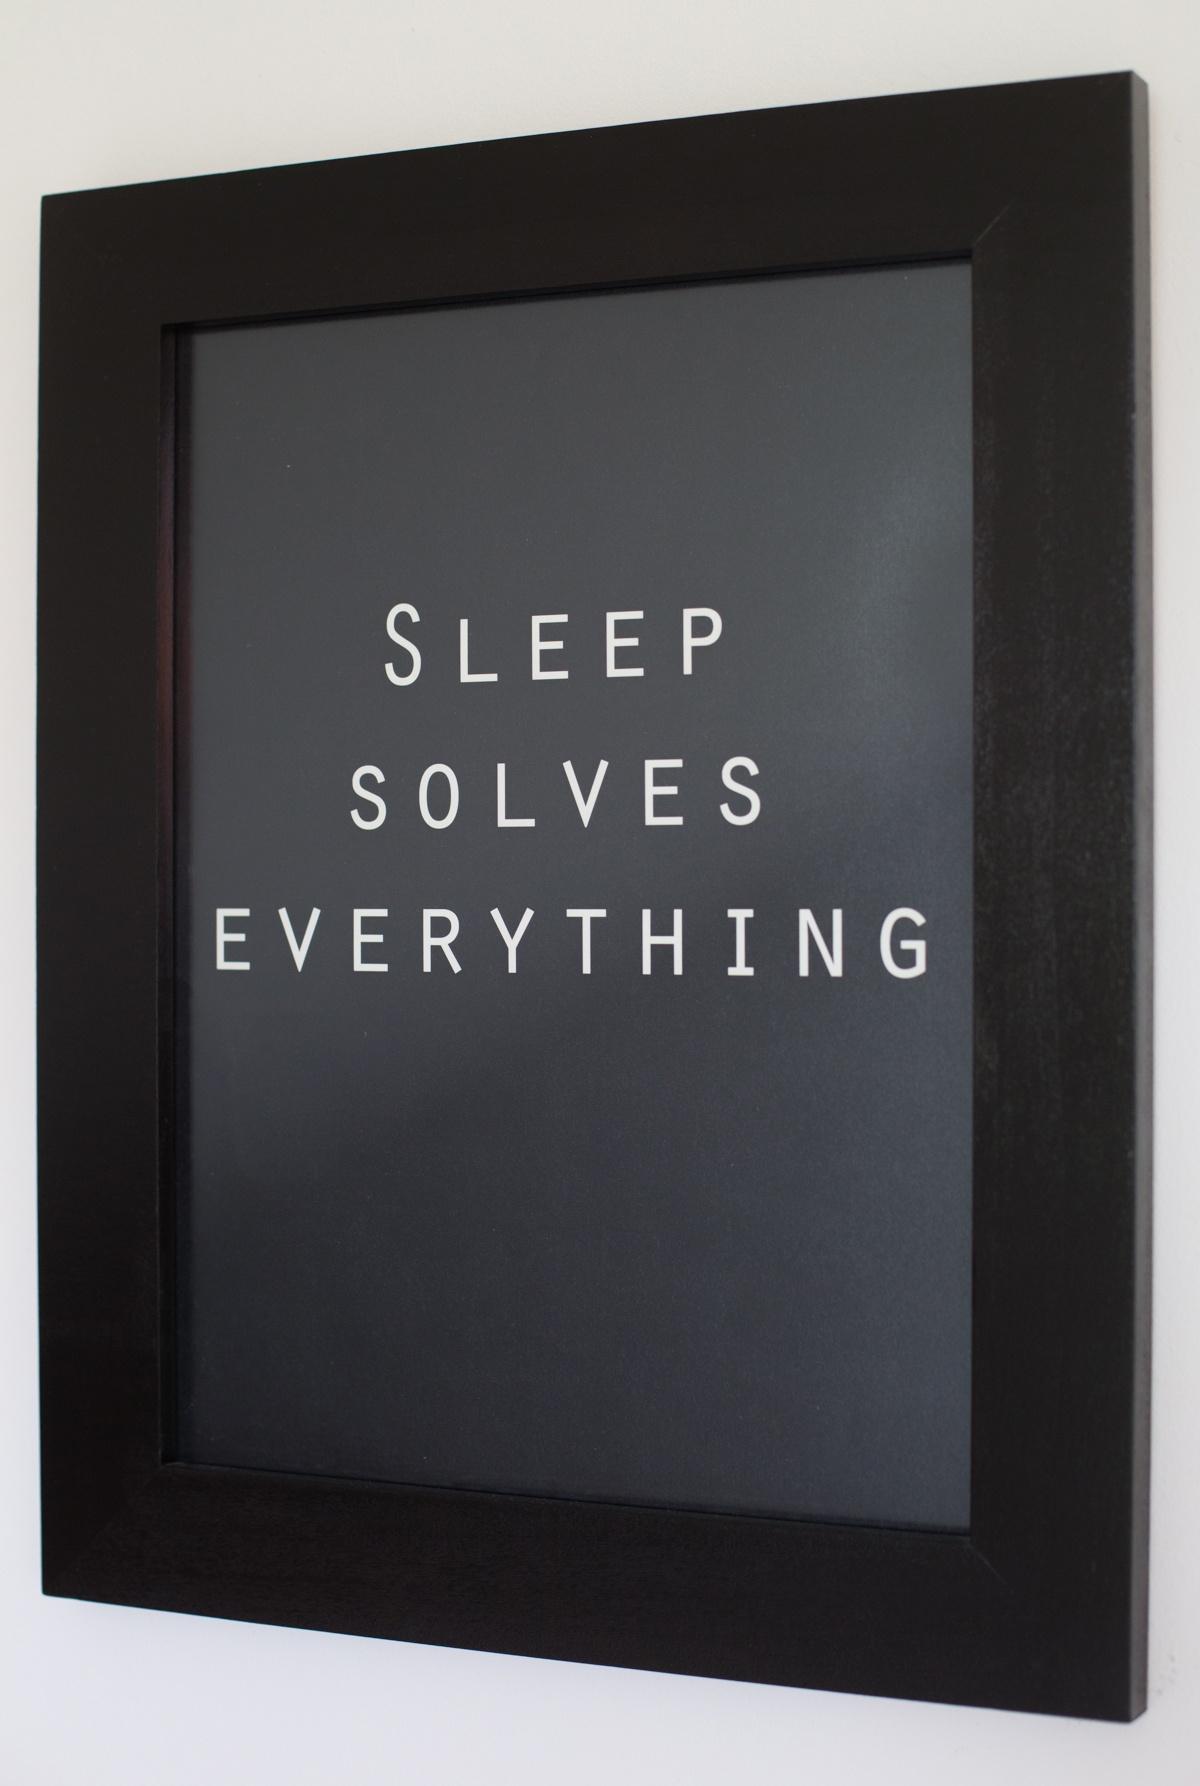 sleep solves everything- Deko in schwarz für die Wand